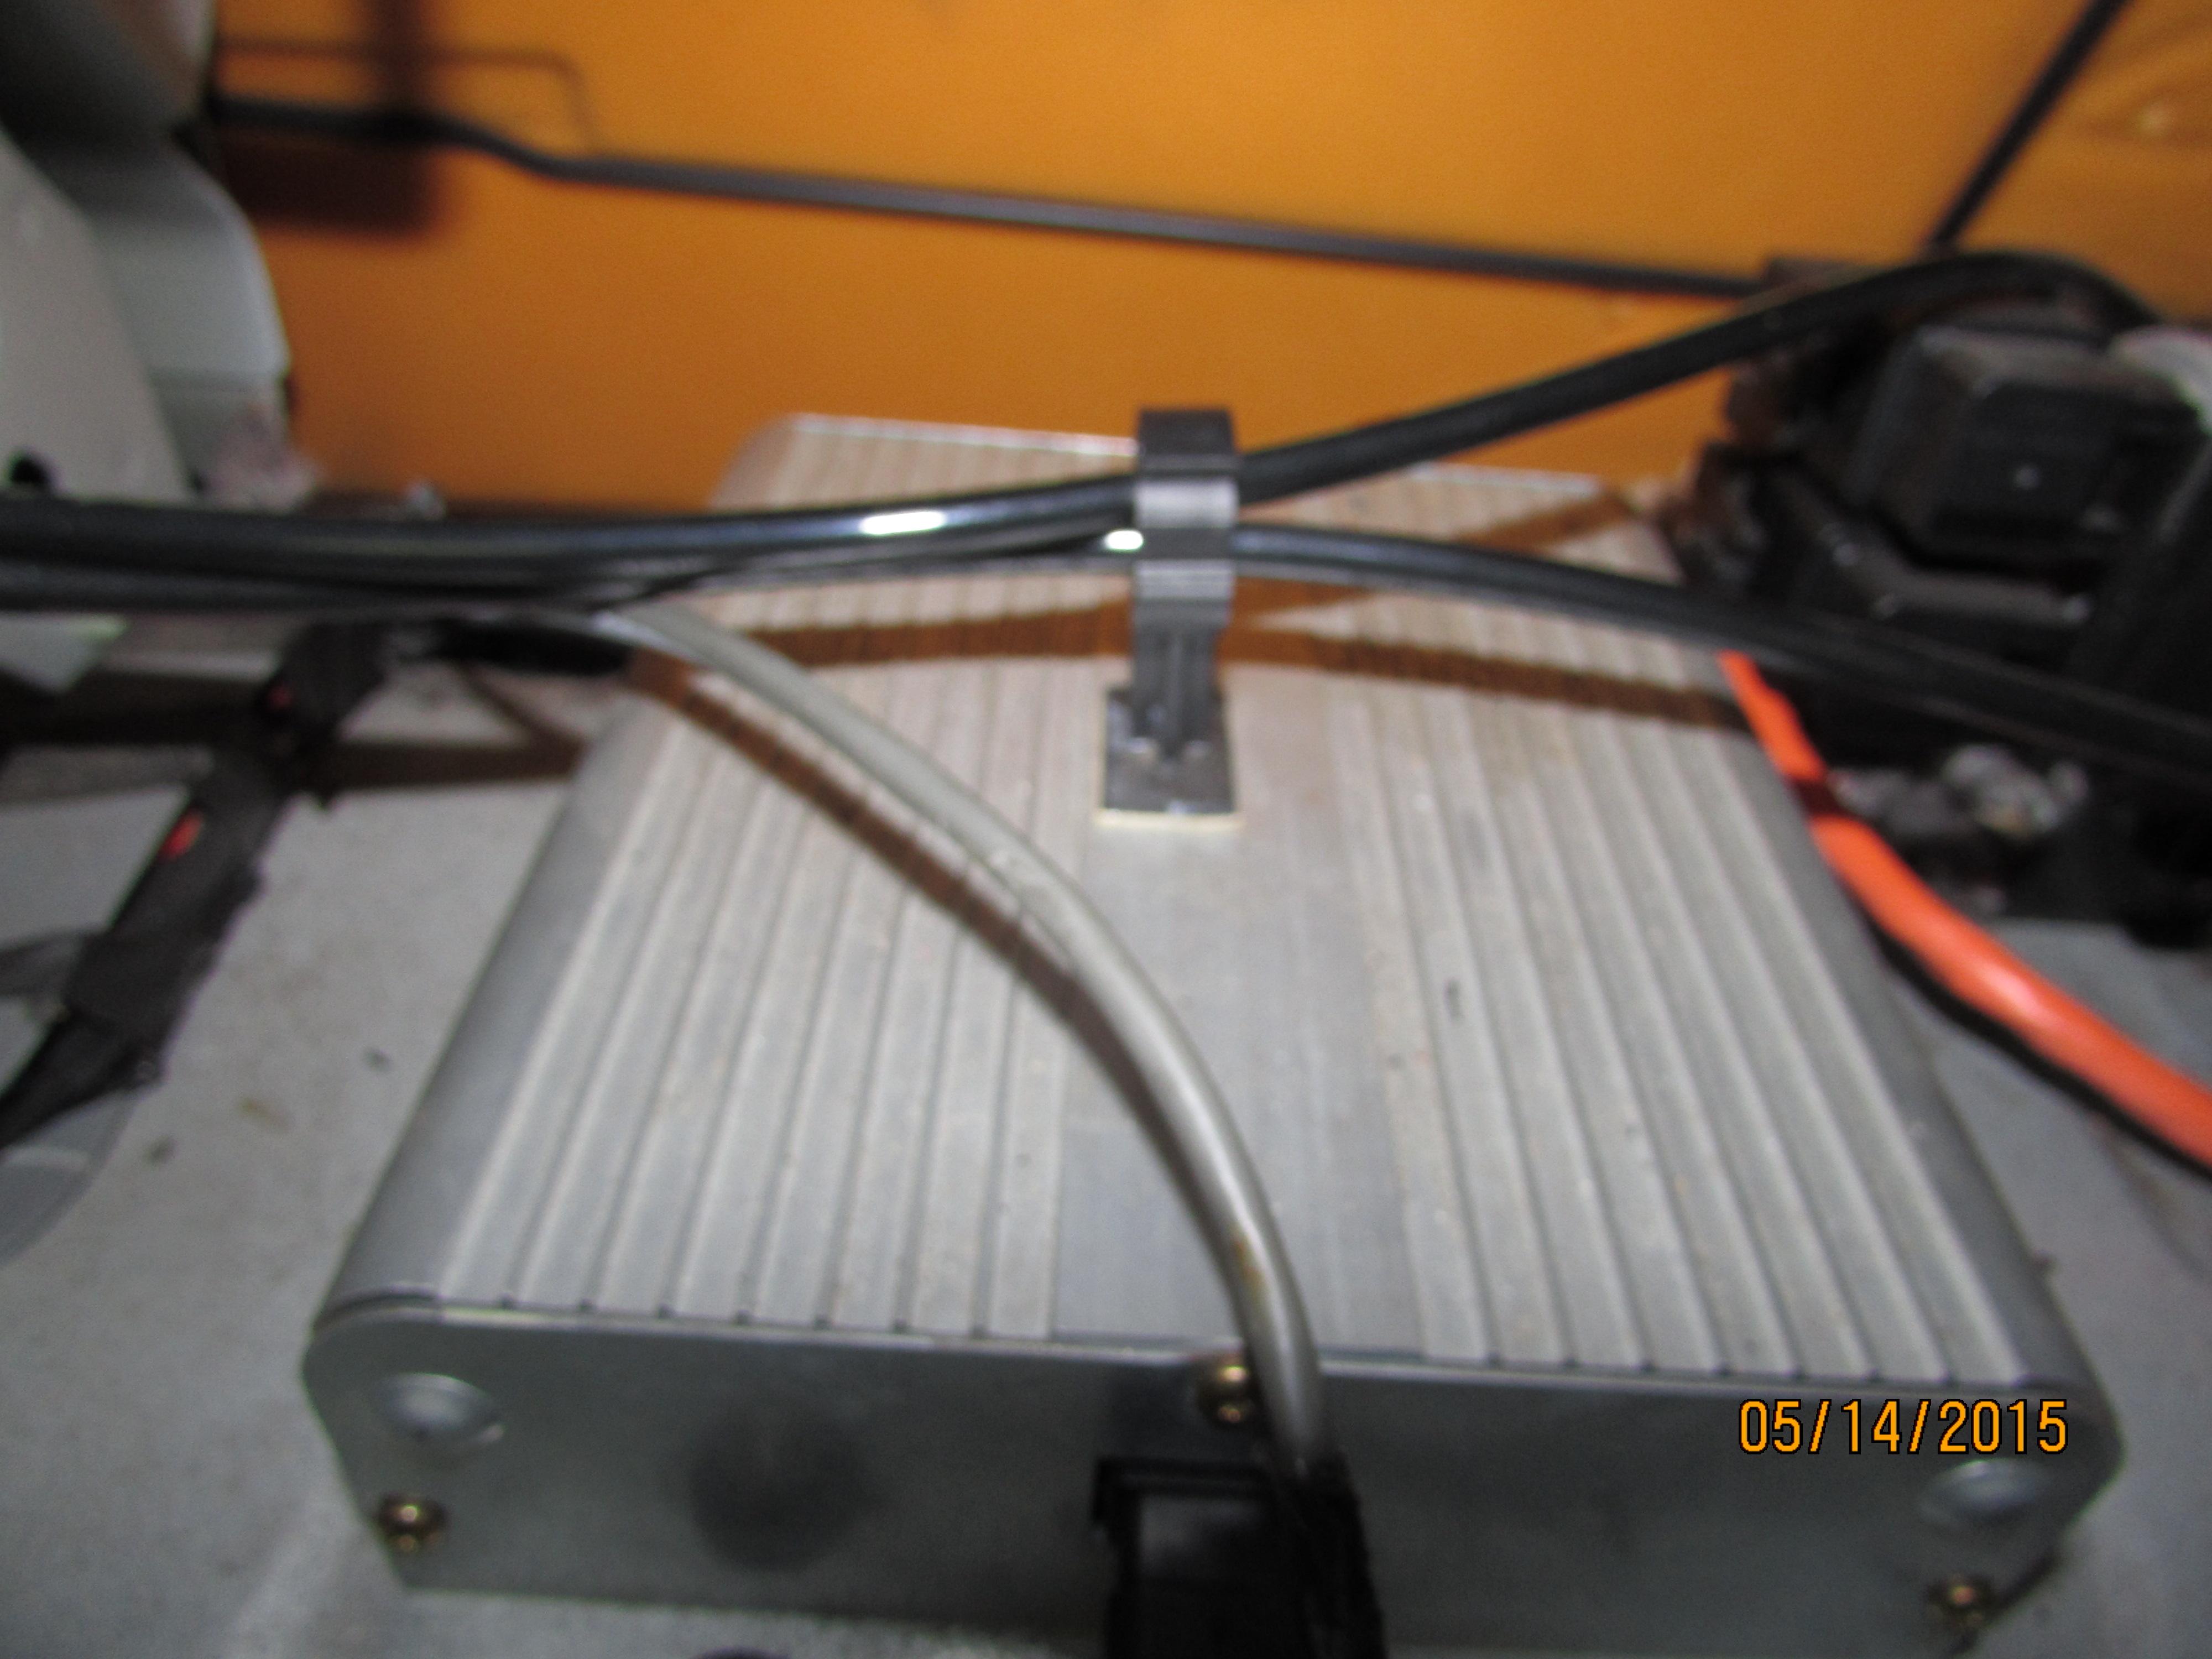 Mach 460 sound problem | Mustang Evolution Forum Mustang Mach Wiring Diagram on mach 460 radio wiring diagram, ford radio wiring diagram, 95 mustang cd player diagram, 1999 f250 wiper diagram, 1937 ford wiring diagram,